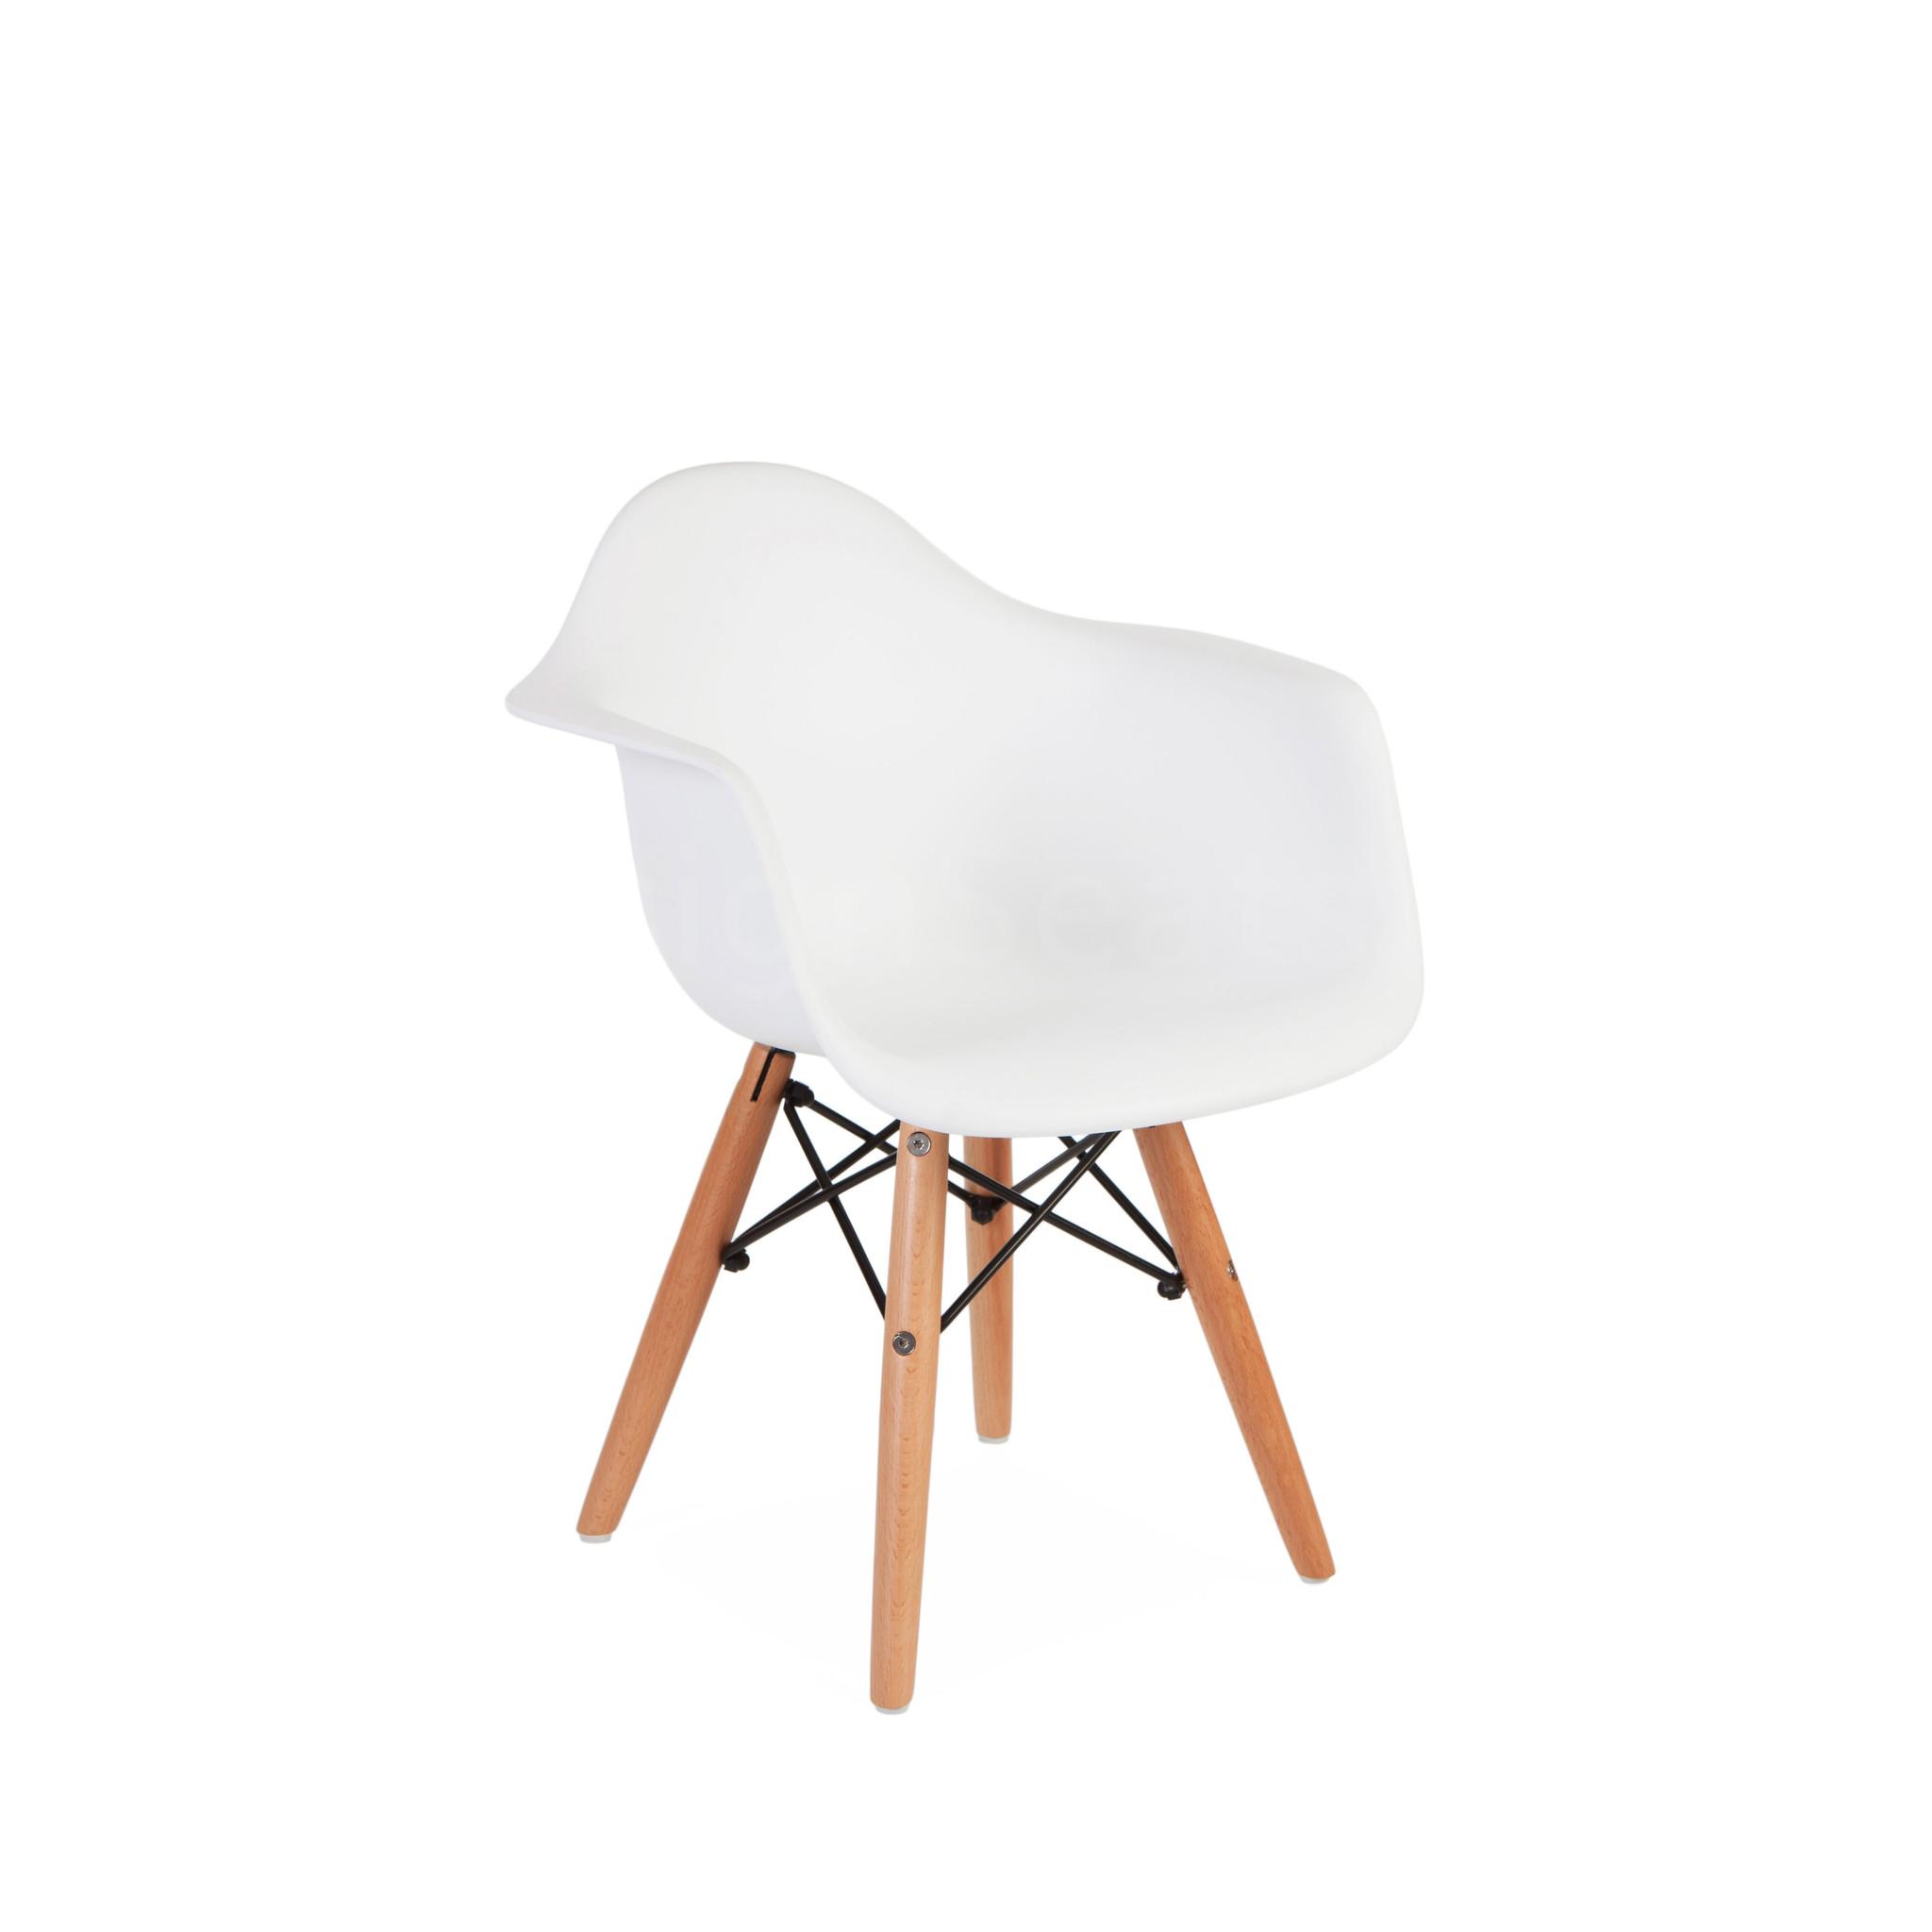 Te Koop Kinderstoel.Daw Eames Design Kinderstoel Eames Kids